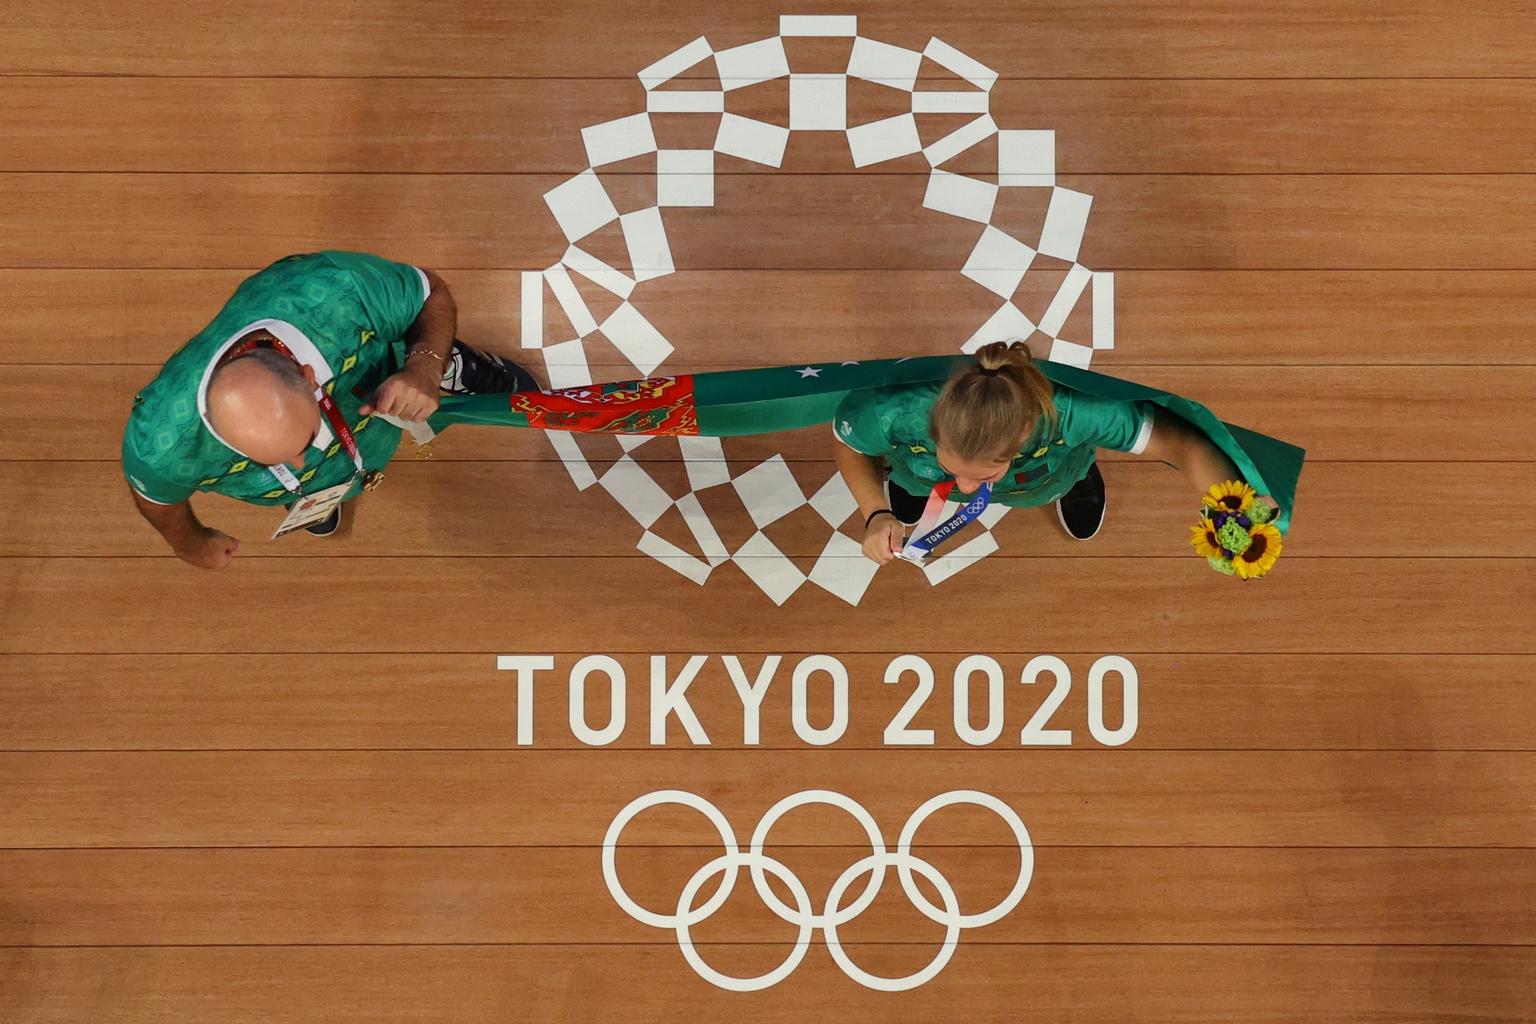 Türkmenisztán első olimpiai érmét Polina Gurjeva szerezte meg 2021. július 27-én női súlyemelésben az 59 kg-osok súlycsoportjában #moszkvater